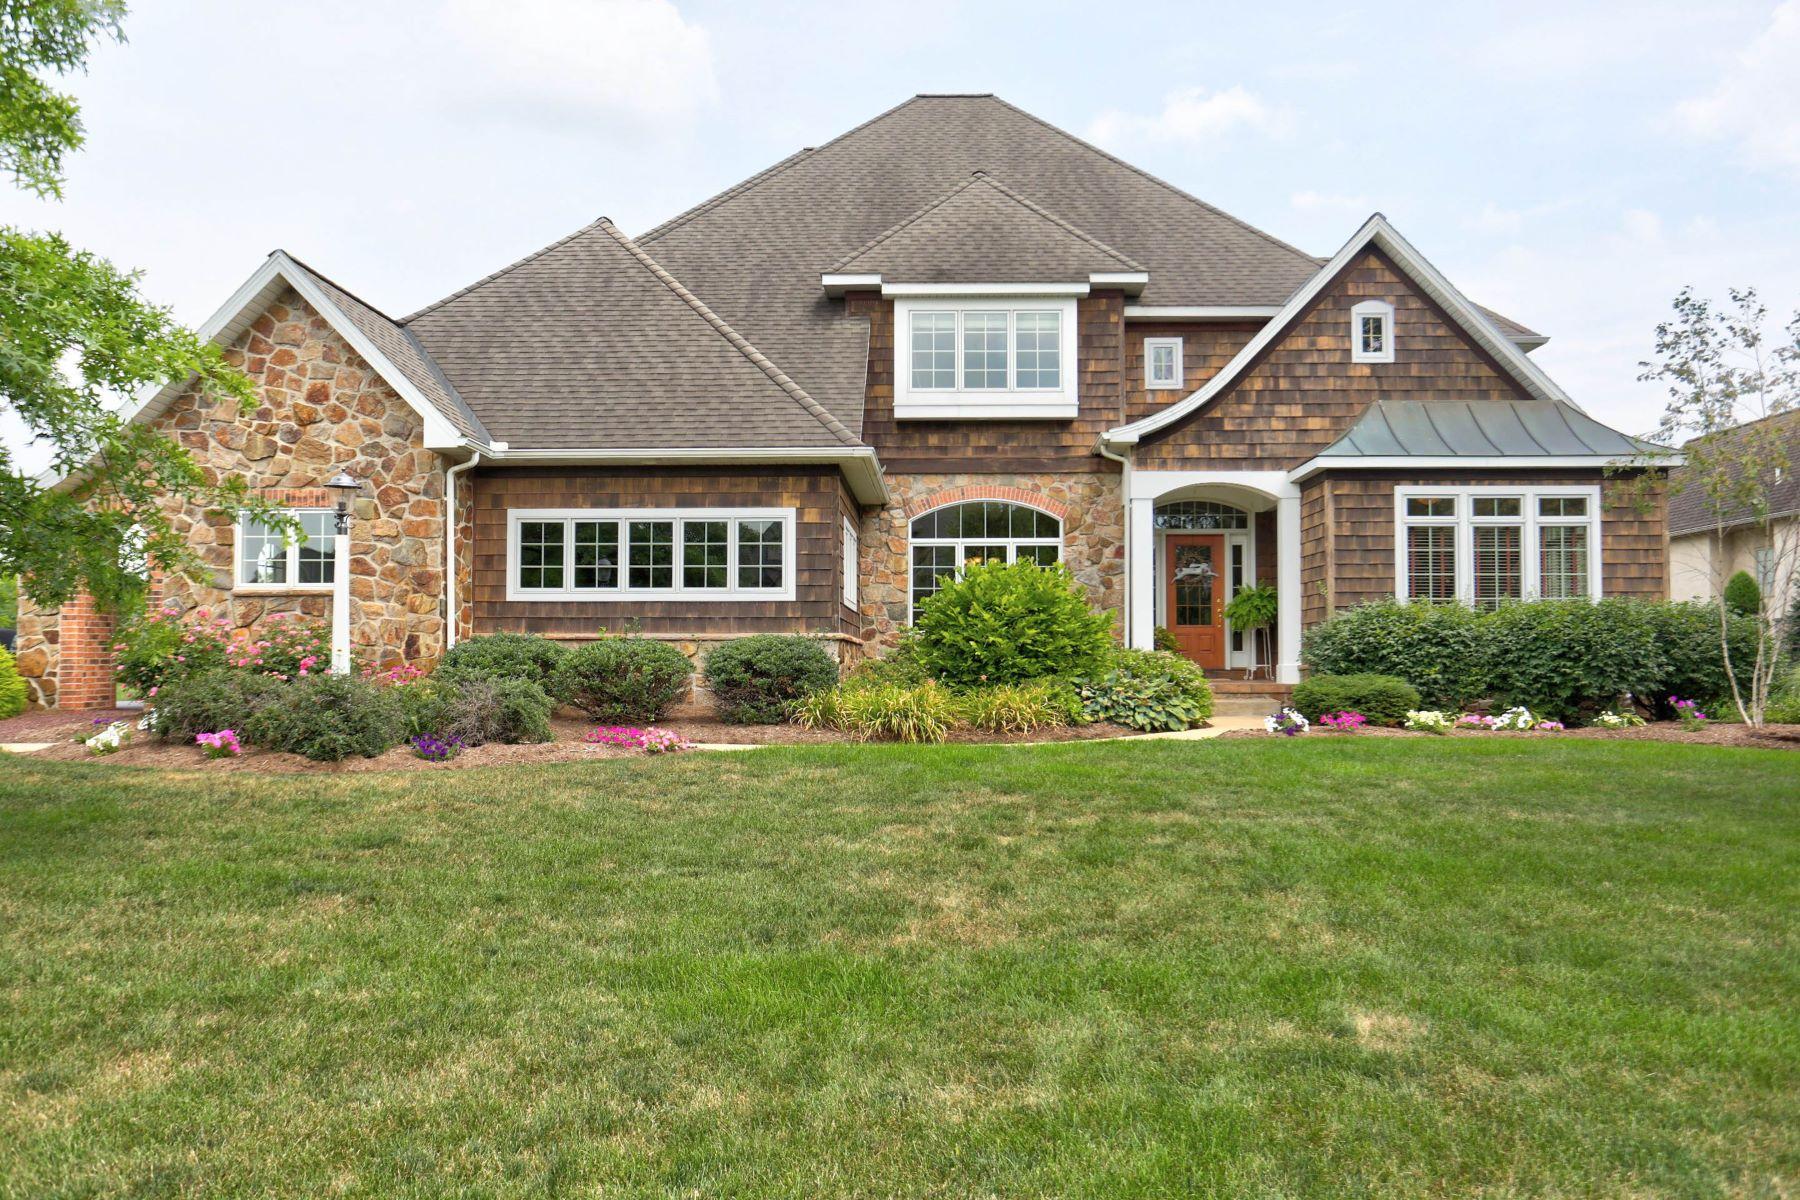 Casa Unifamiliar por un Venta en 506 Wheatfield Drive Lititz, Pennsylvania 17543 Estados Unidos